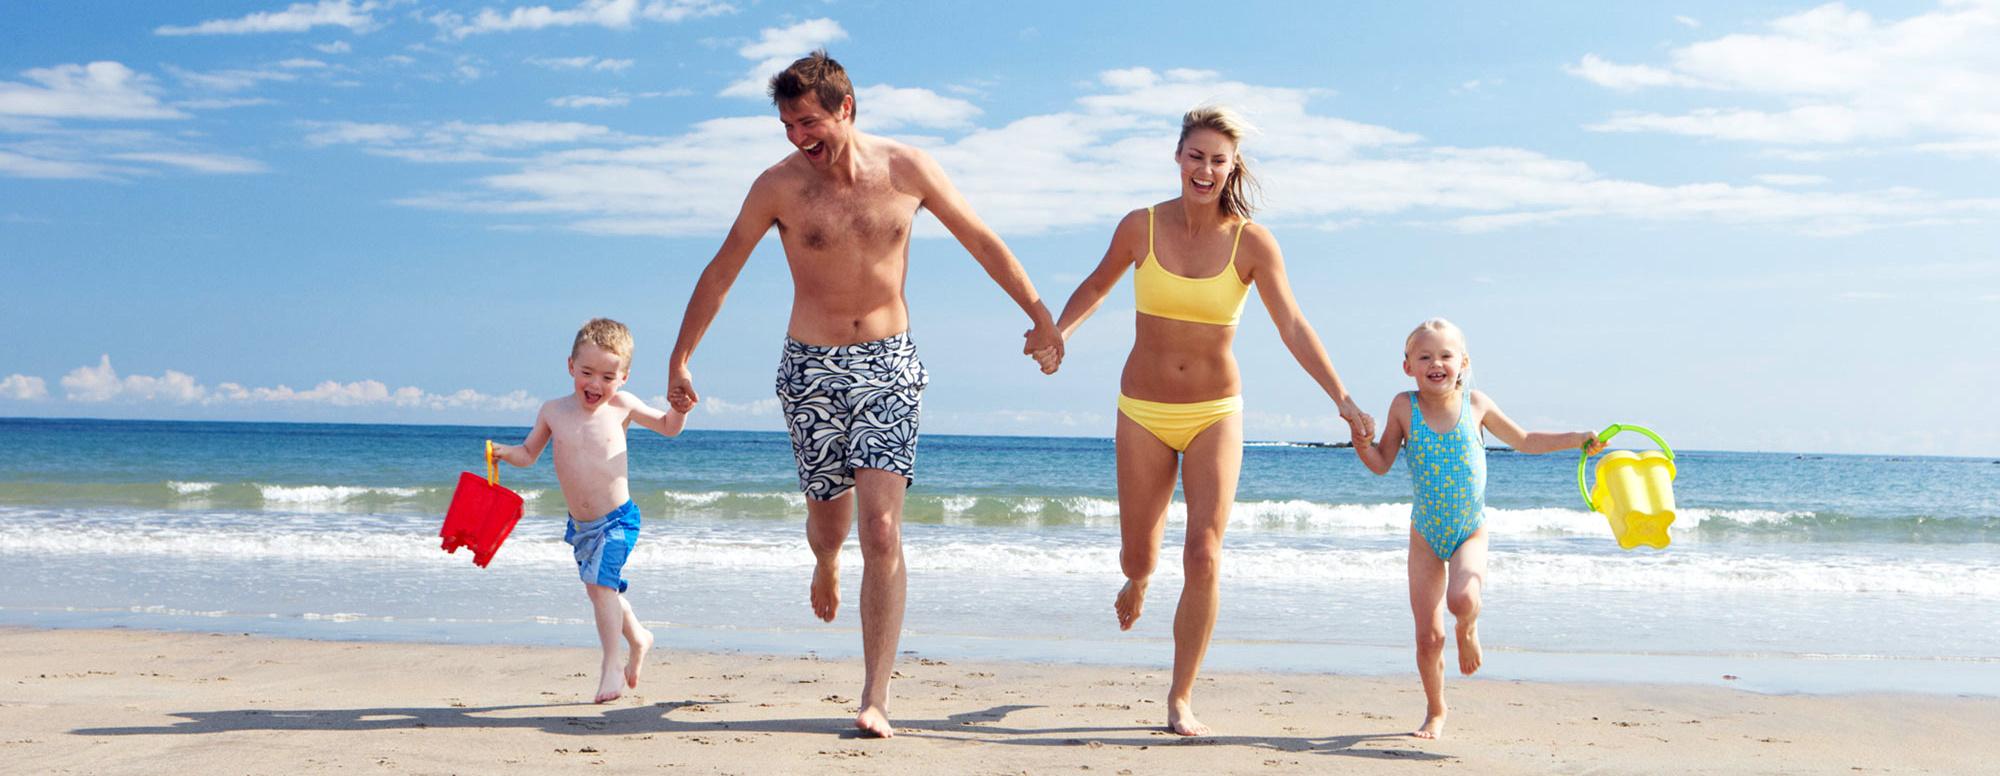 VILLAGGIO TURISTICO vacanza famiglia mare